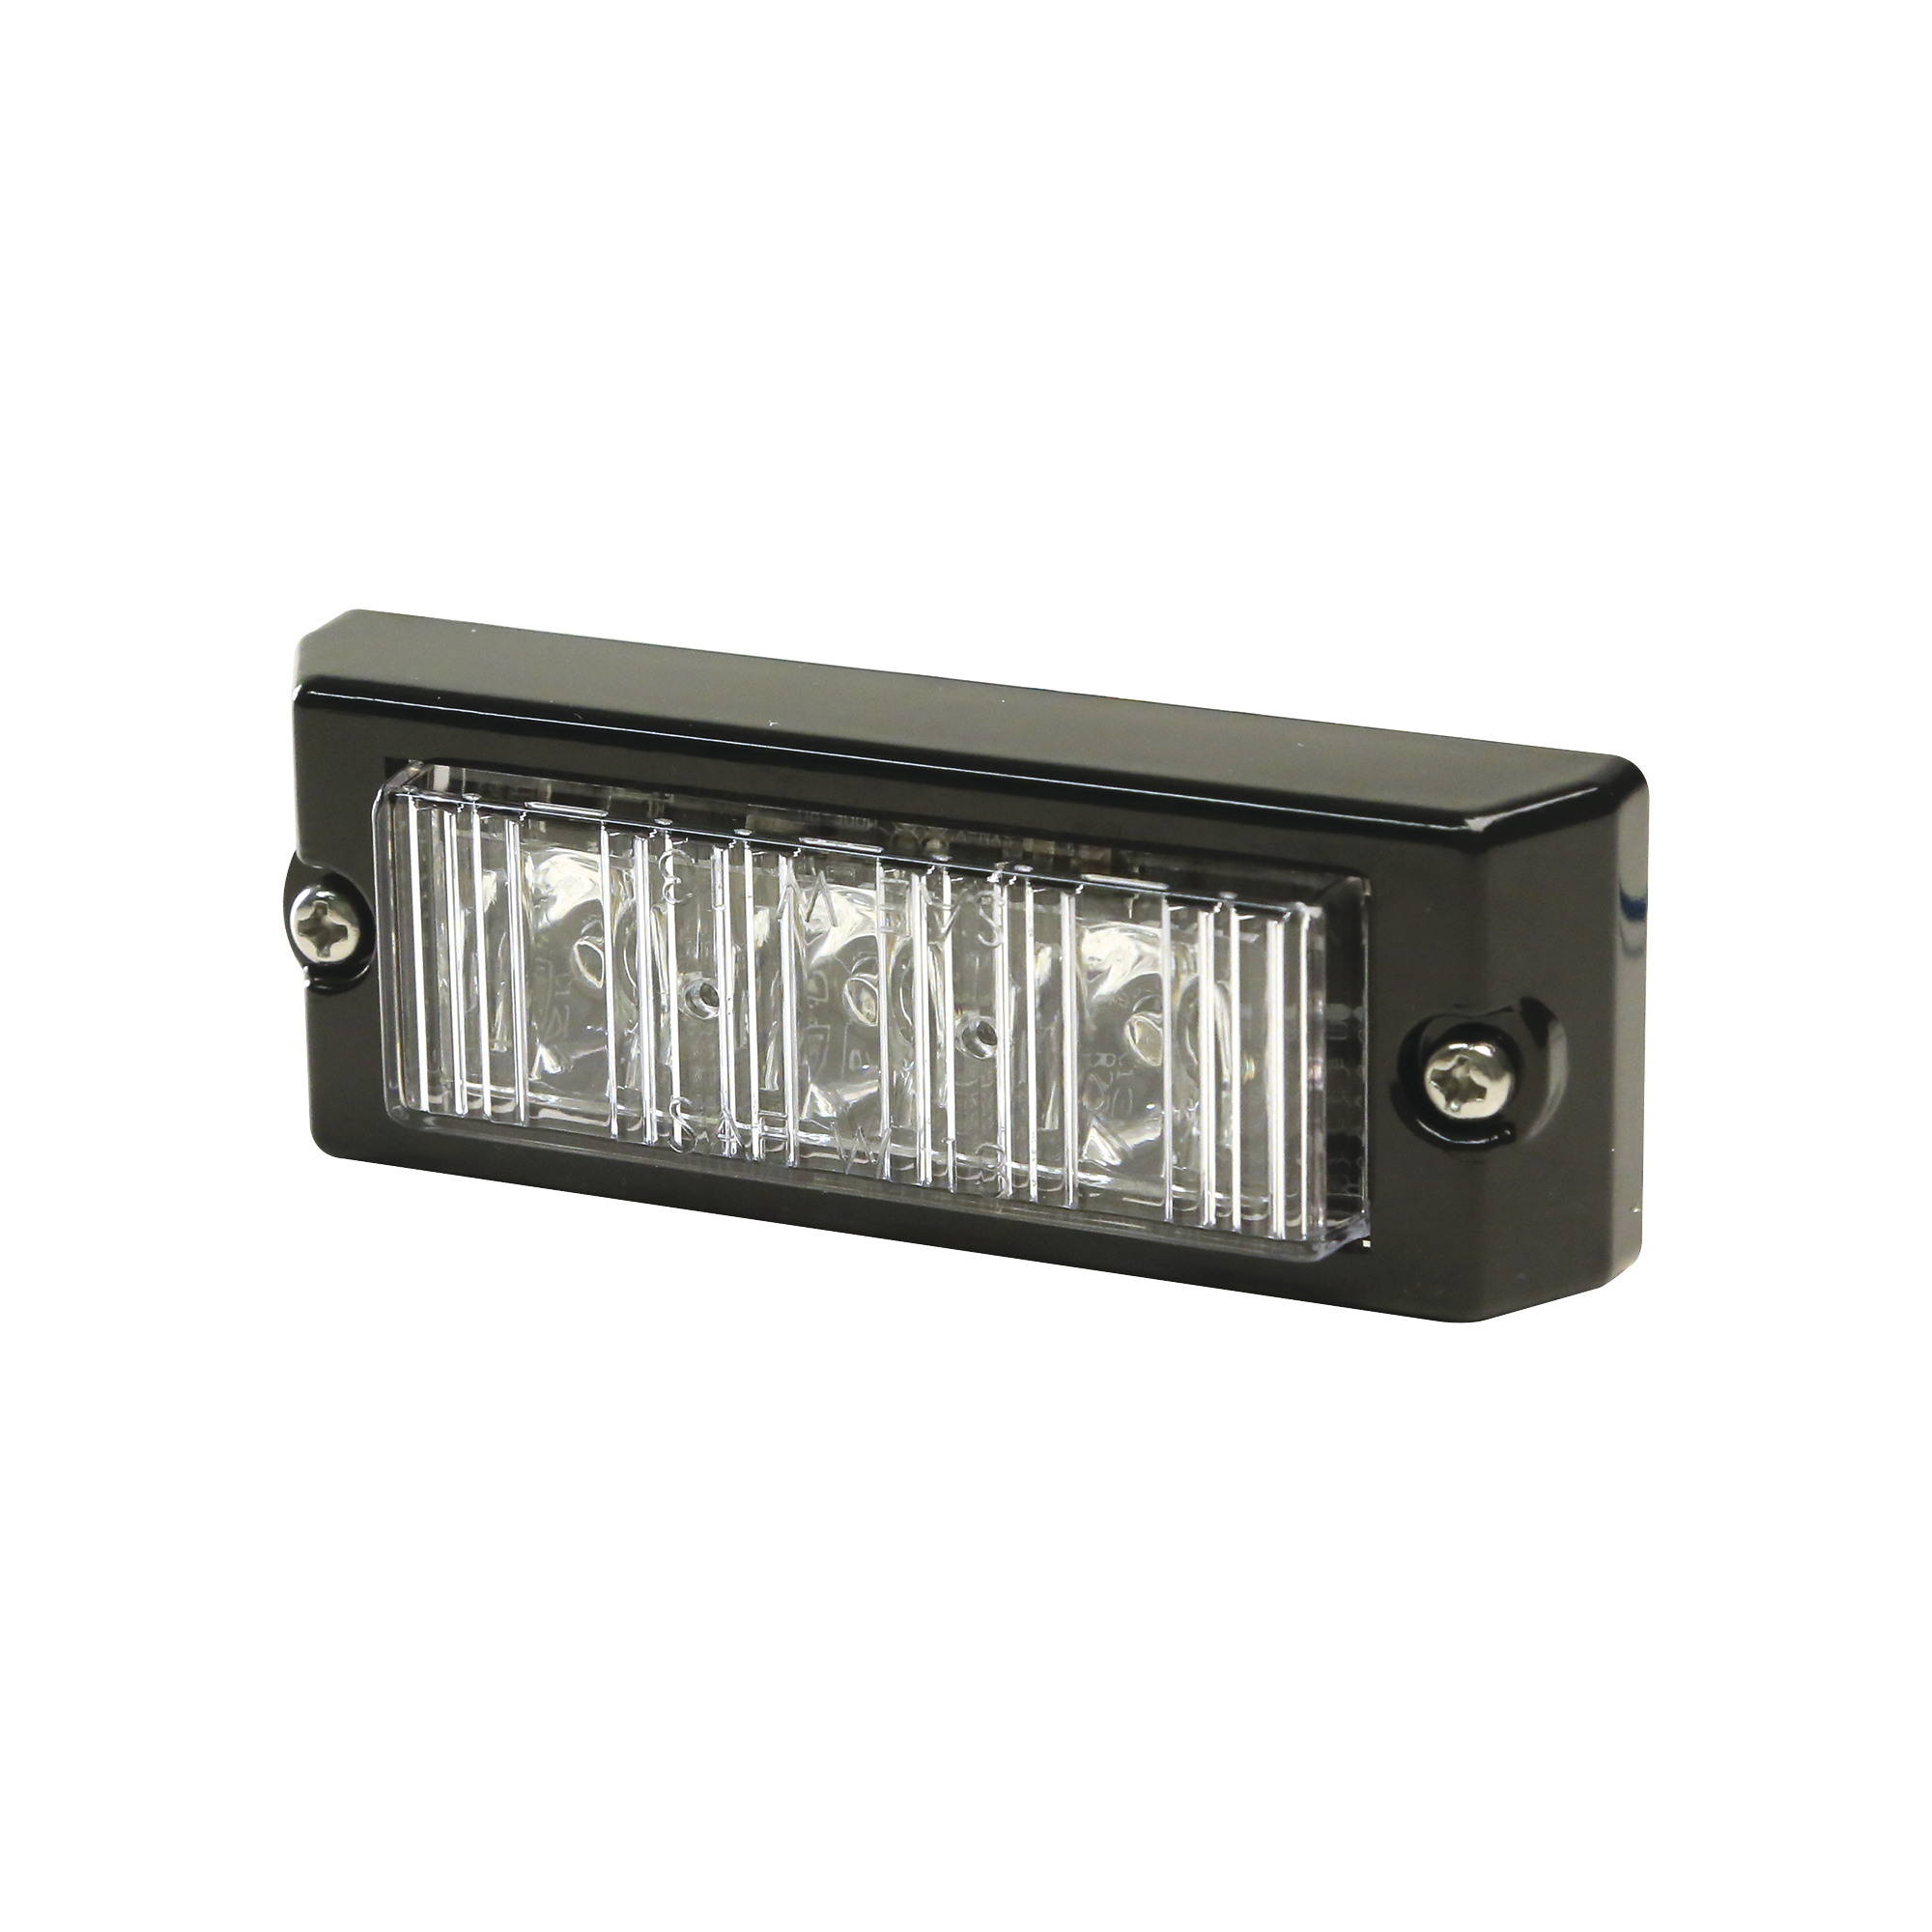 Luz Auxiliar Serie X3703, 3 LEDS, color Claro